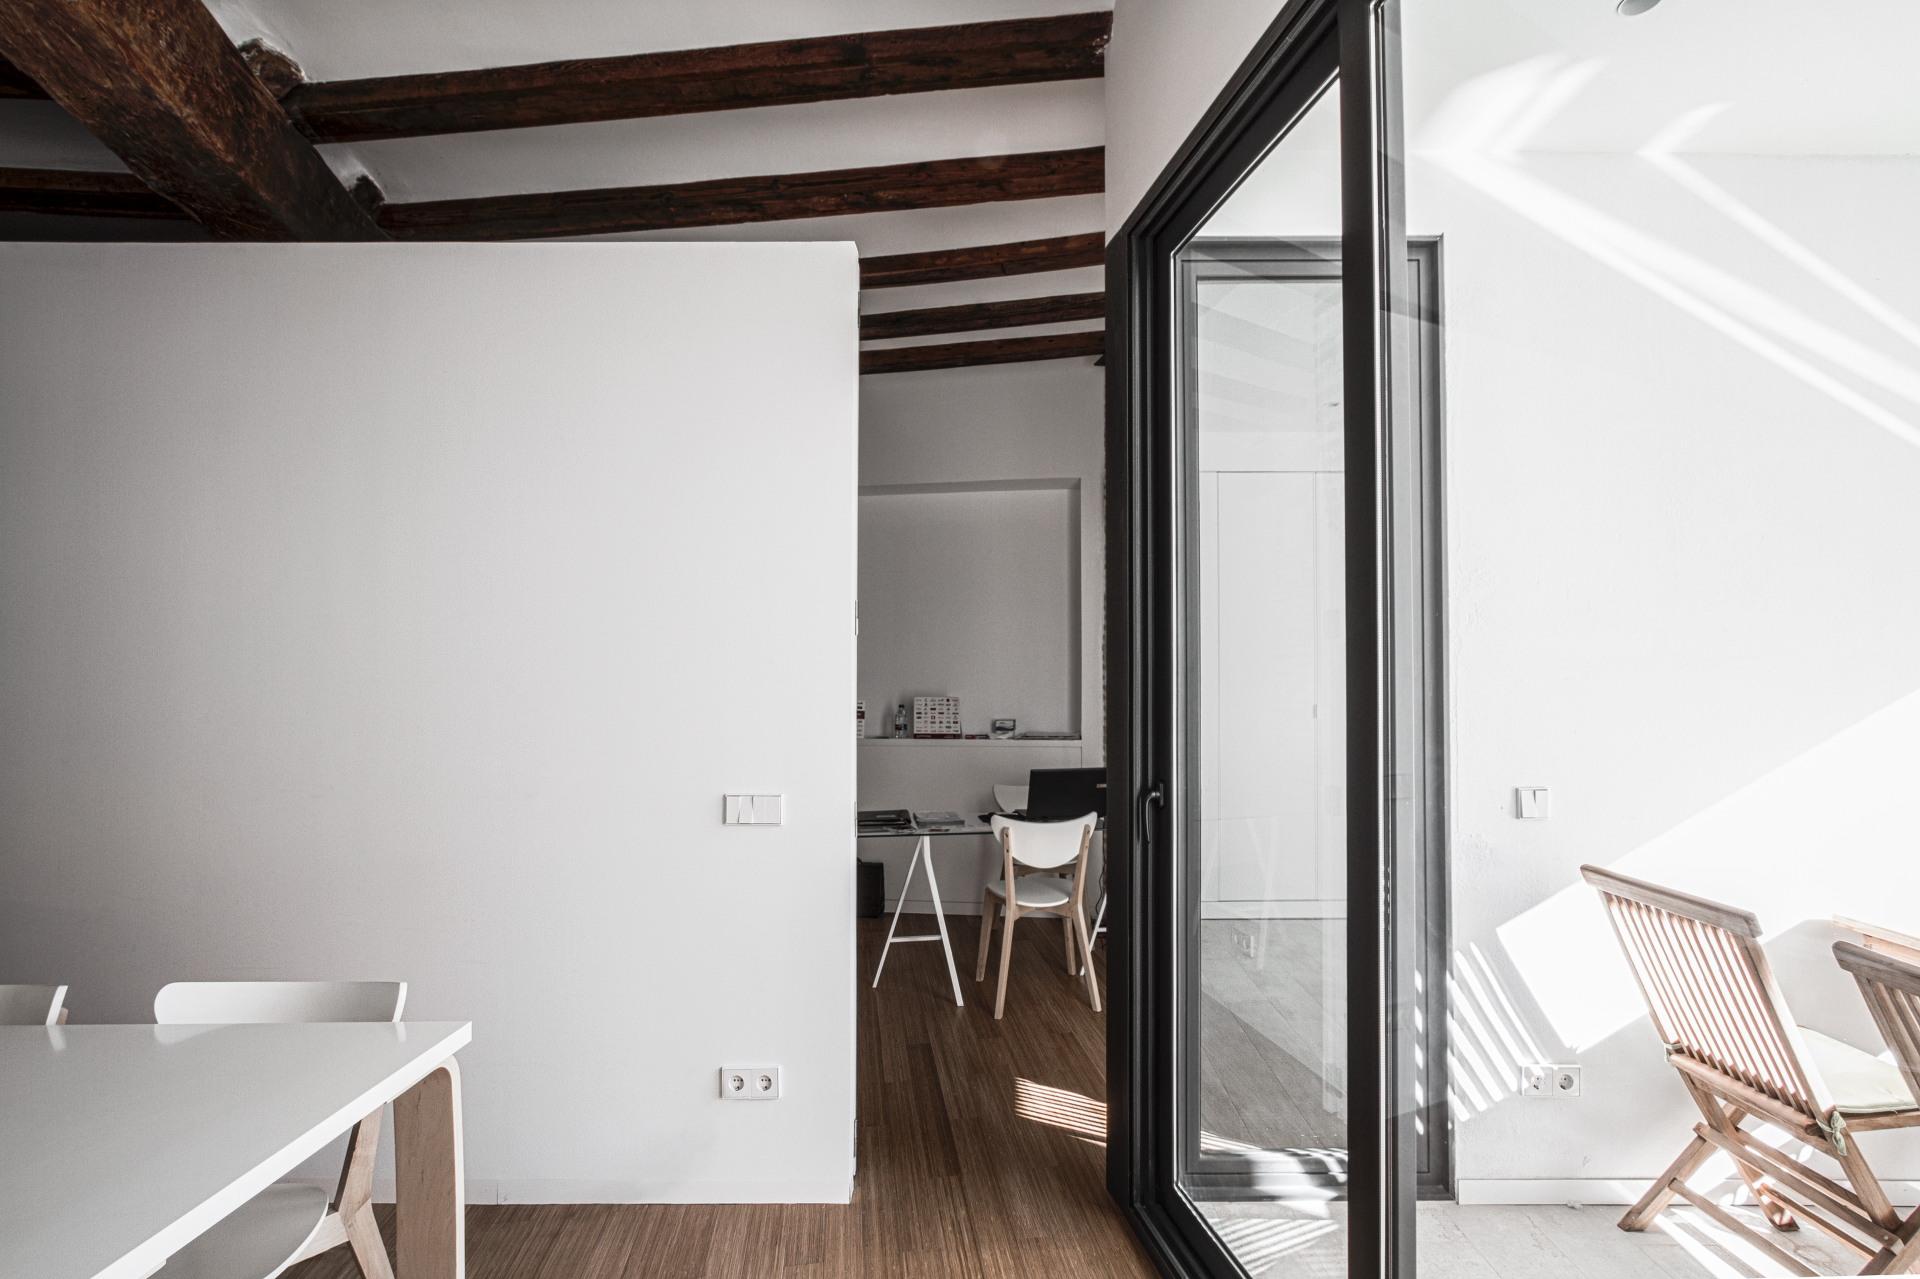 fotografia-arquitectura-valencia-german-cabo-versea-estudio (6)